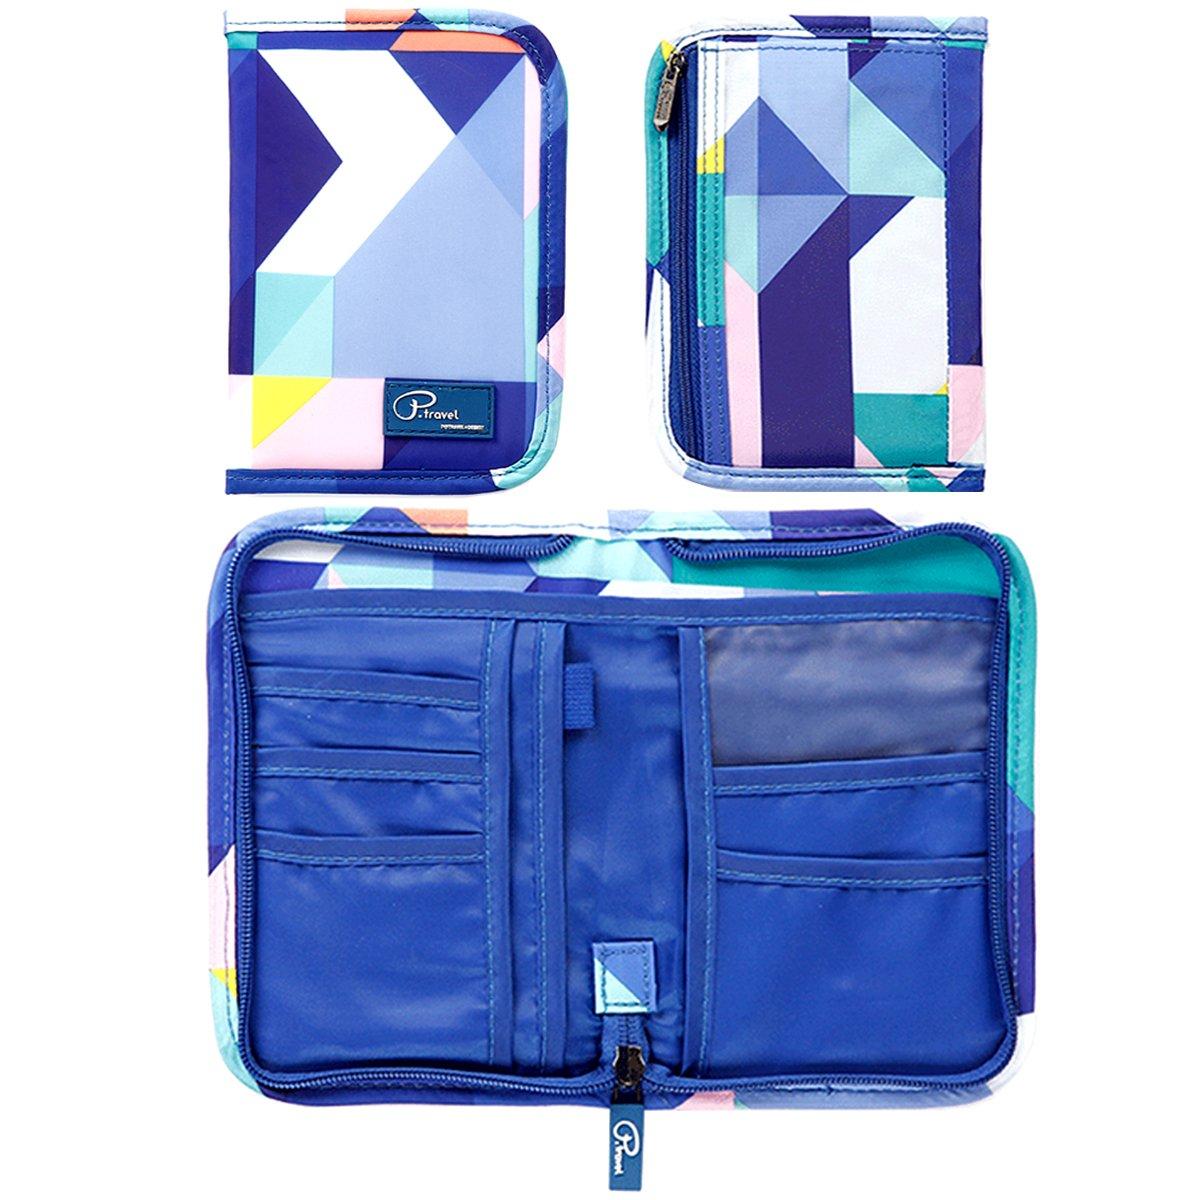 Blue Travel Passport Wallet Holder RFID Blocking for Women Men Family